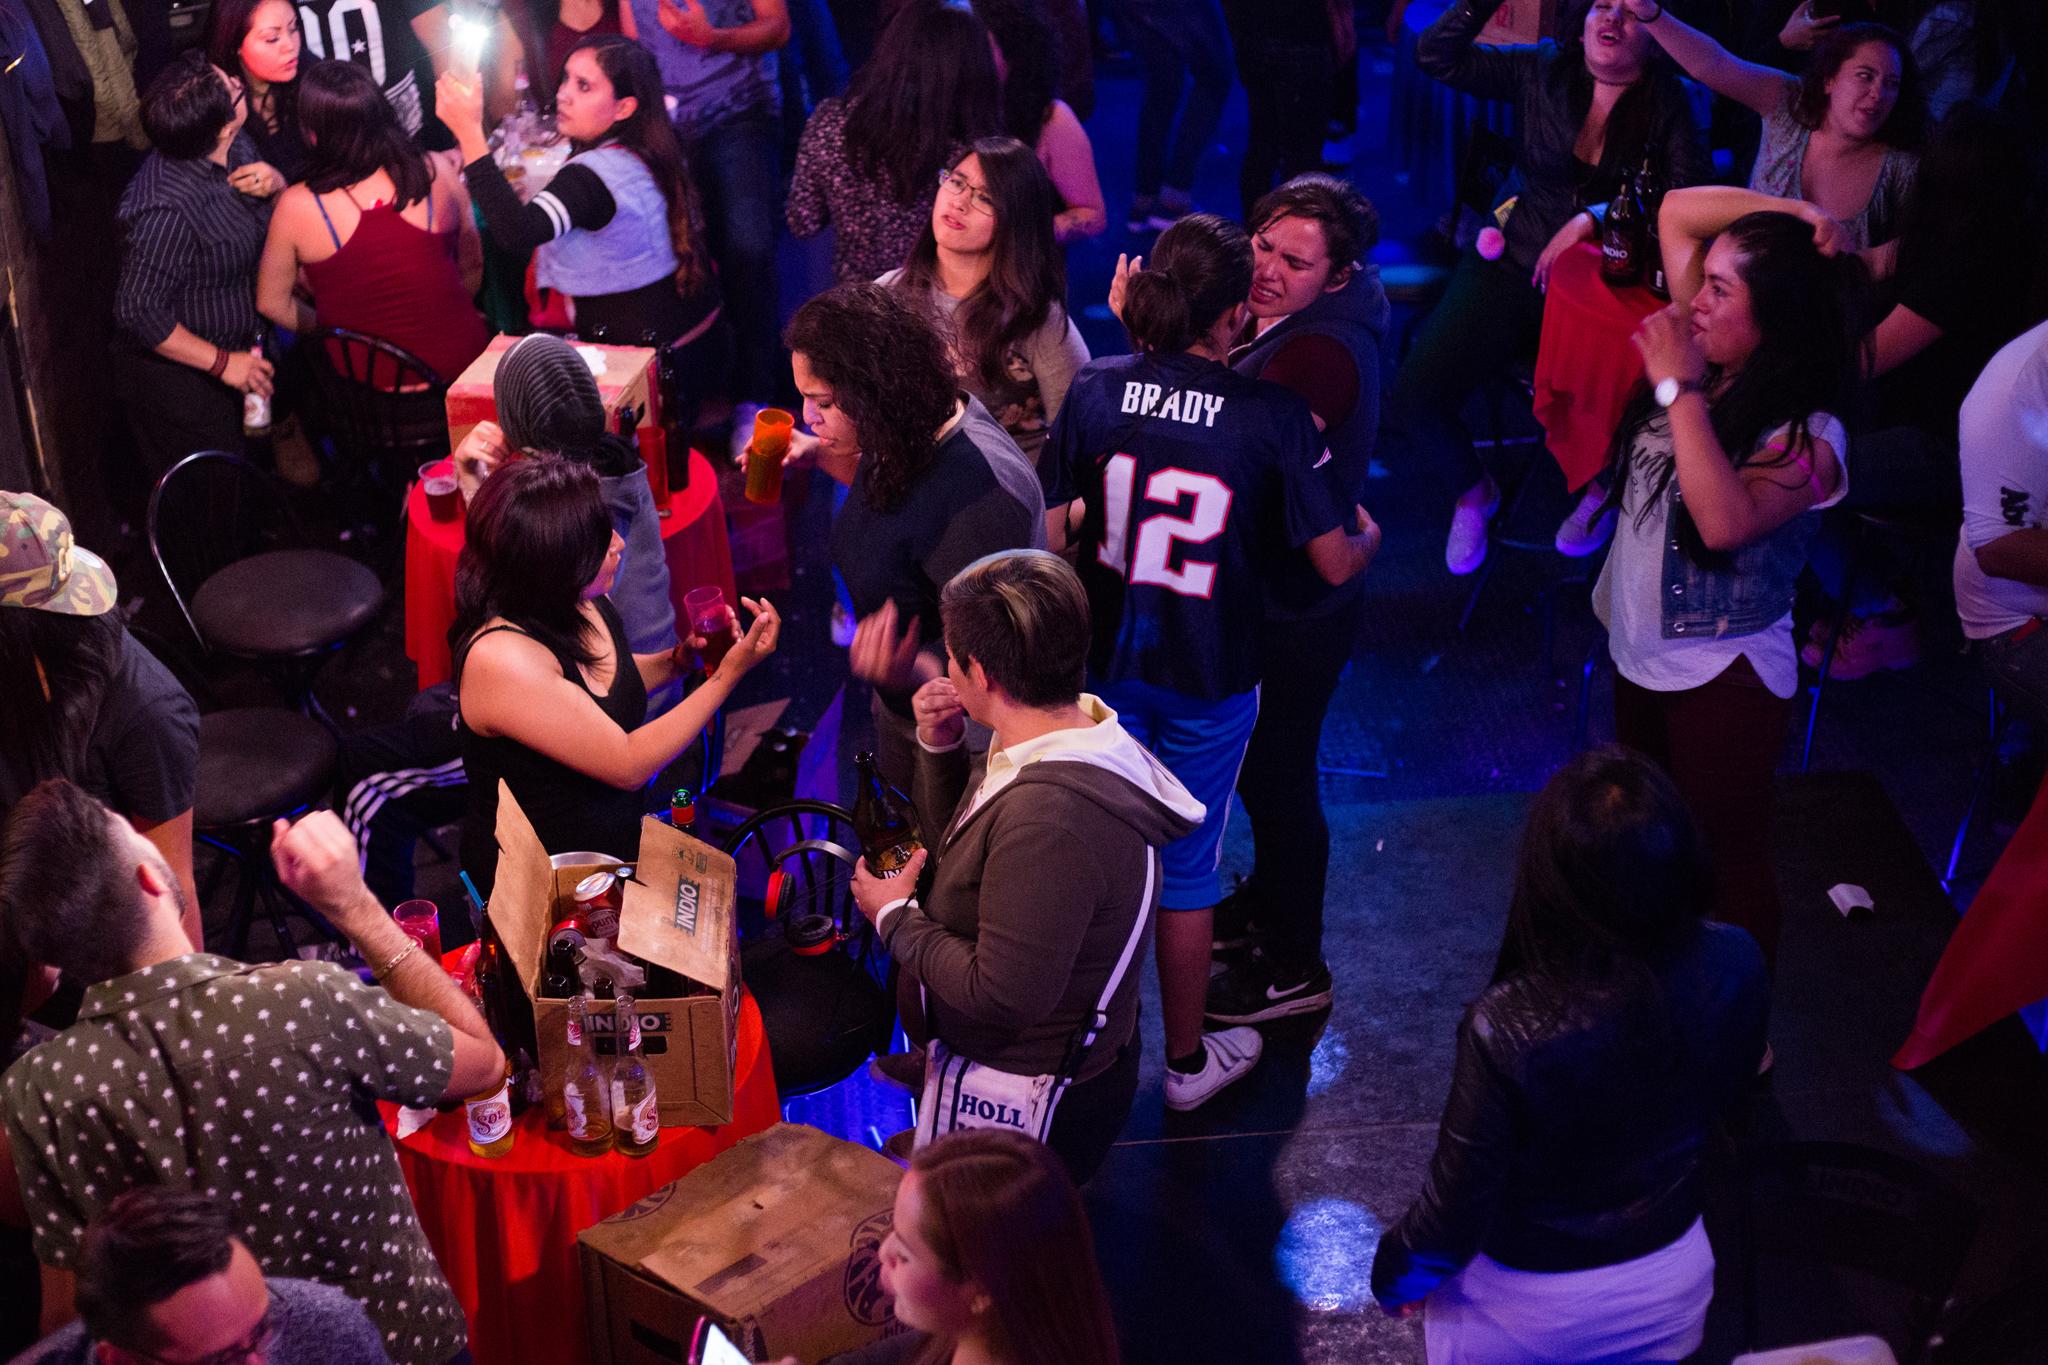 Bares y antros para lesbianas en la Ciudad de México